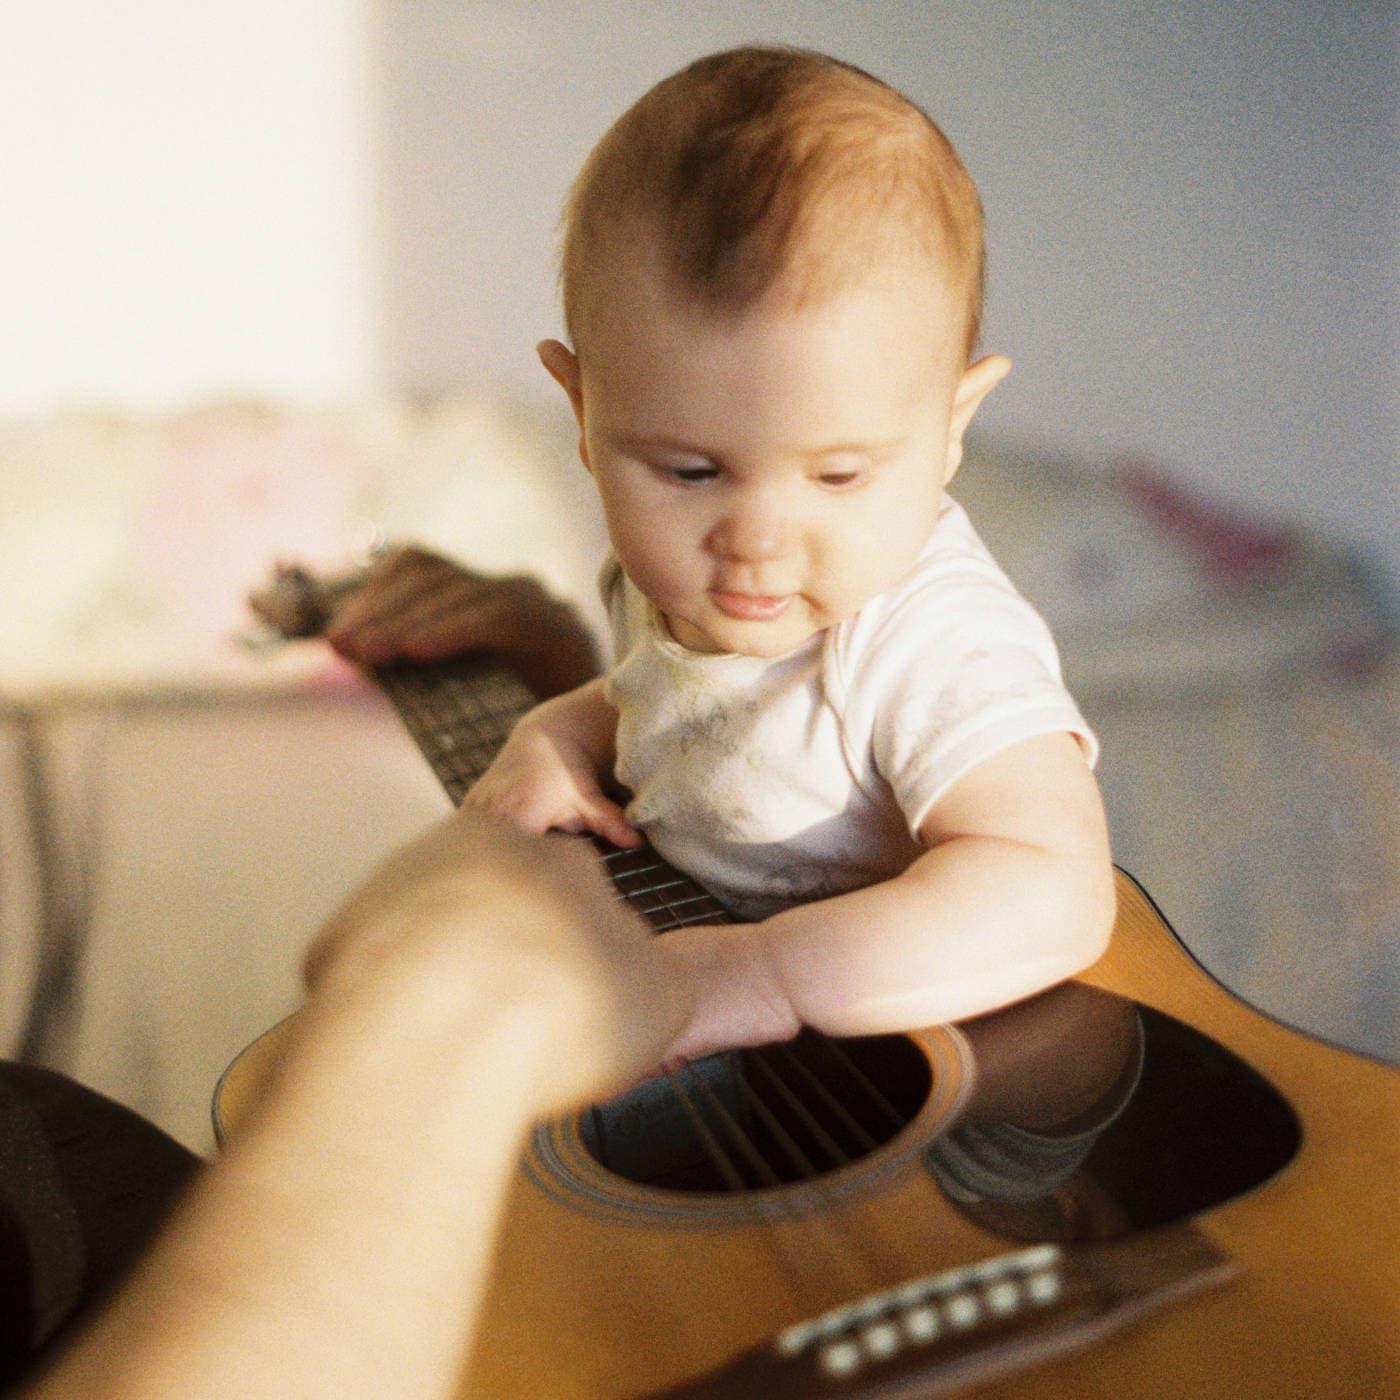 Musikkurse für Babys und Kleinkinder // HIMBEER